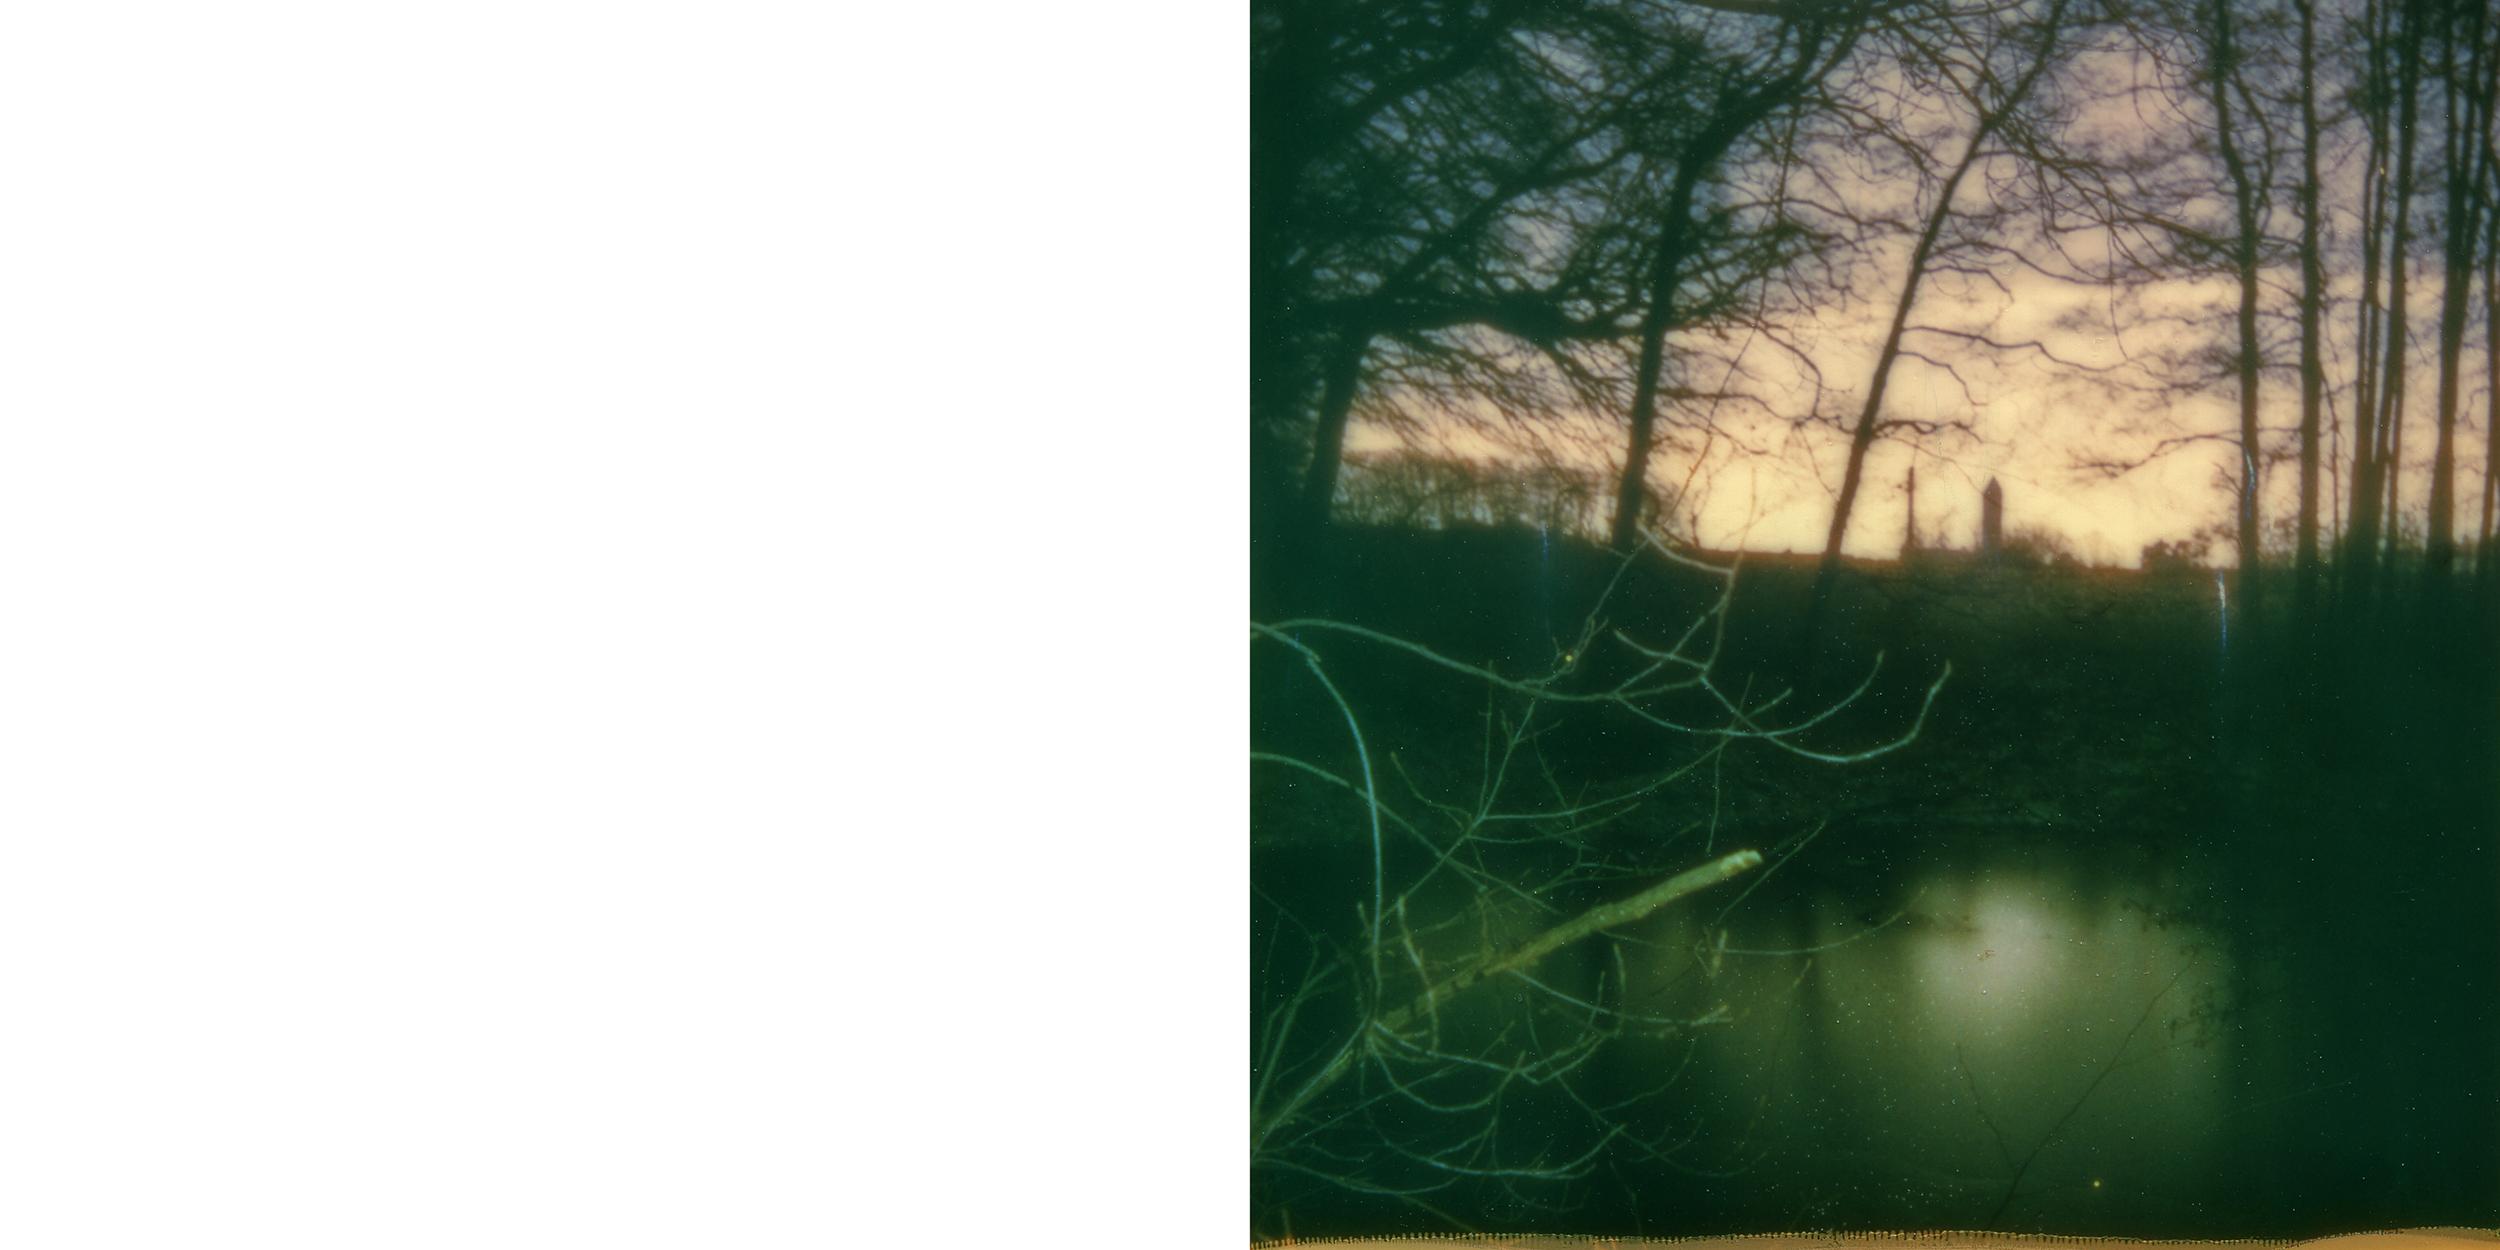 fotoskolen fatamorgana_62-63.jpg